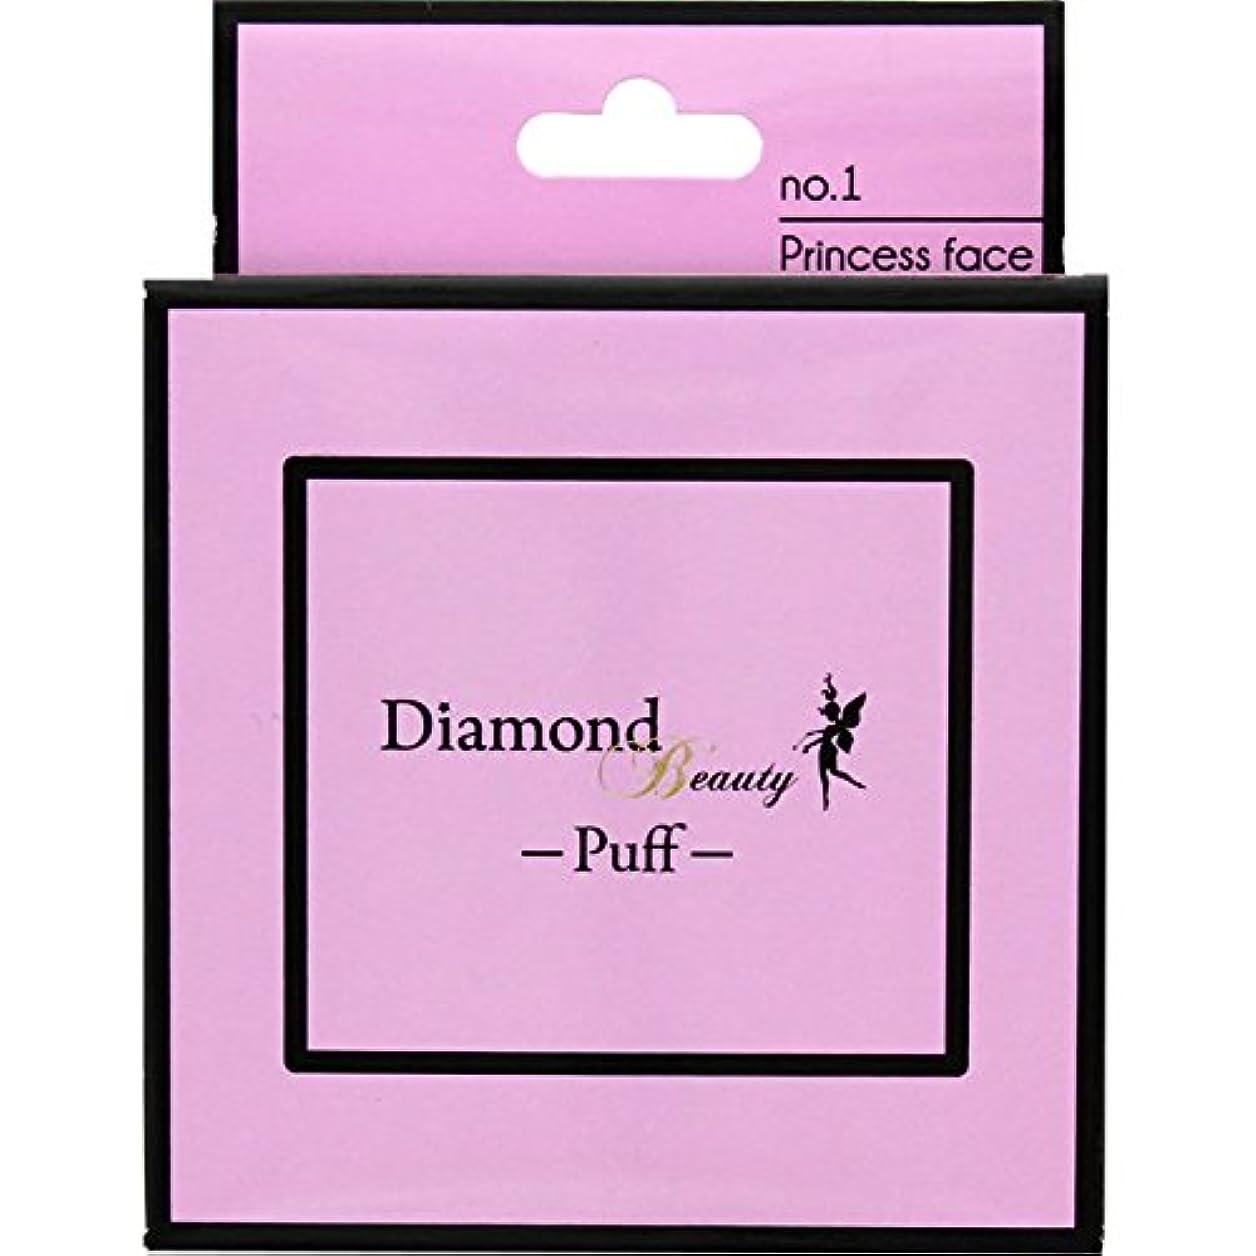 めまいピアースダイヤモンドビューティー パフ 01 プリンセスフェイス